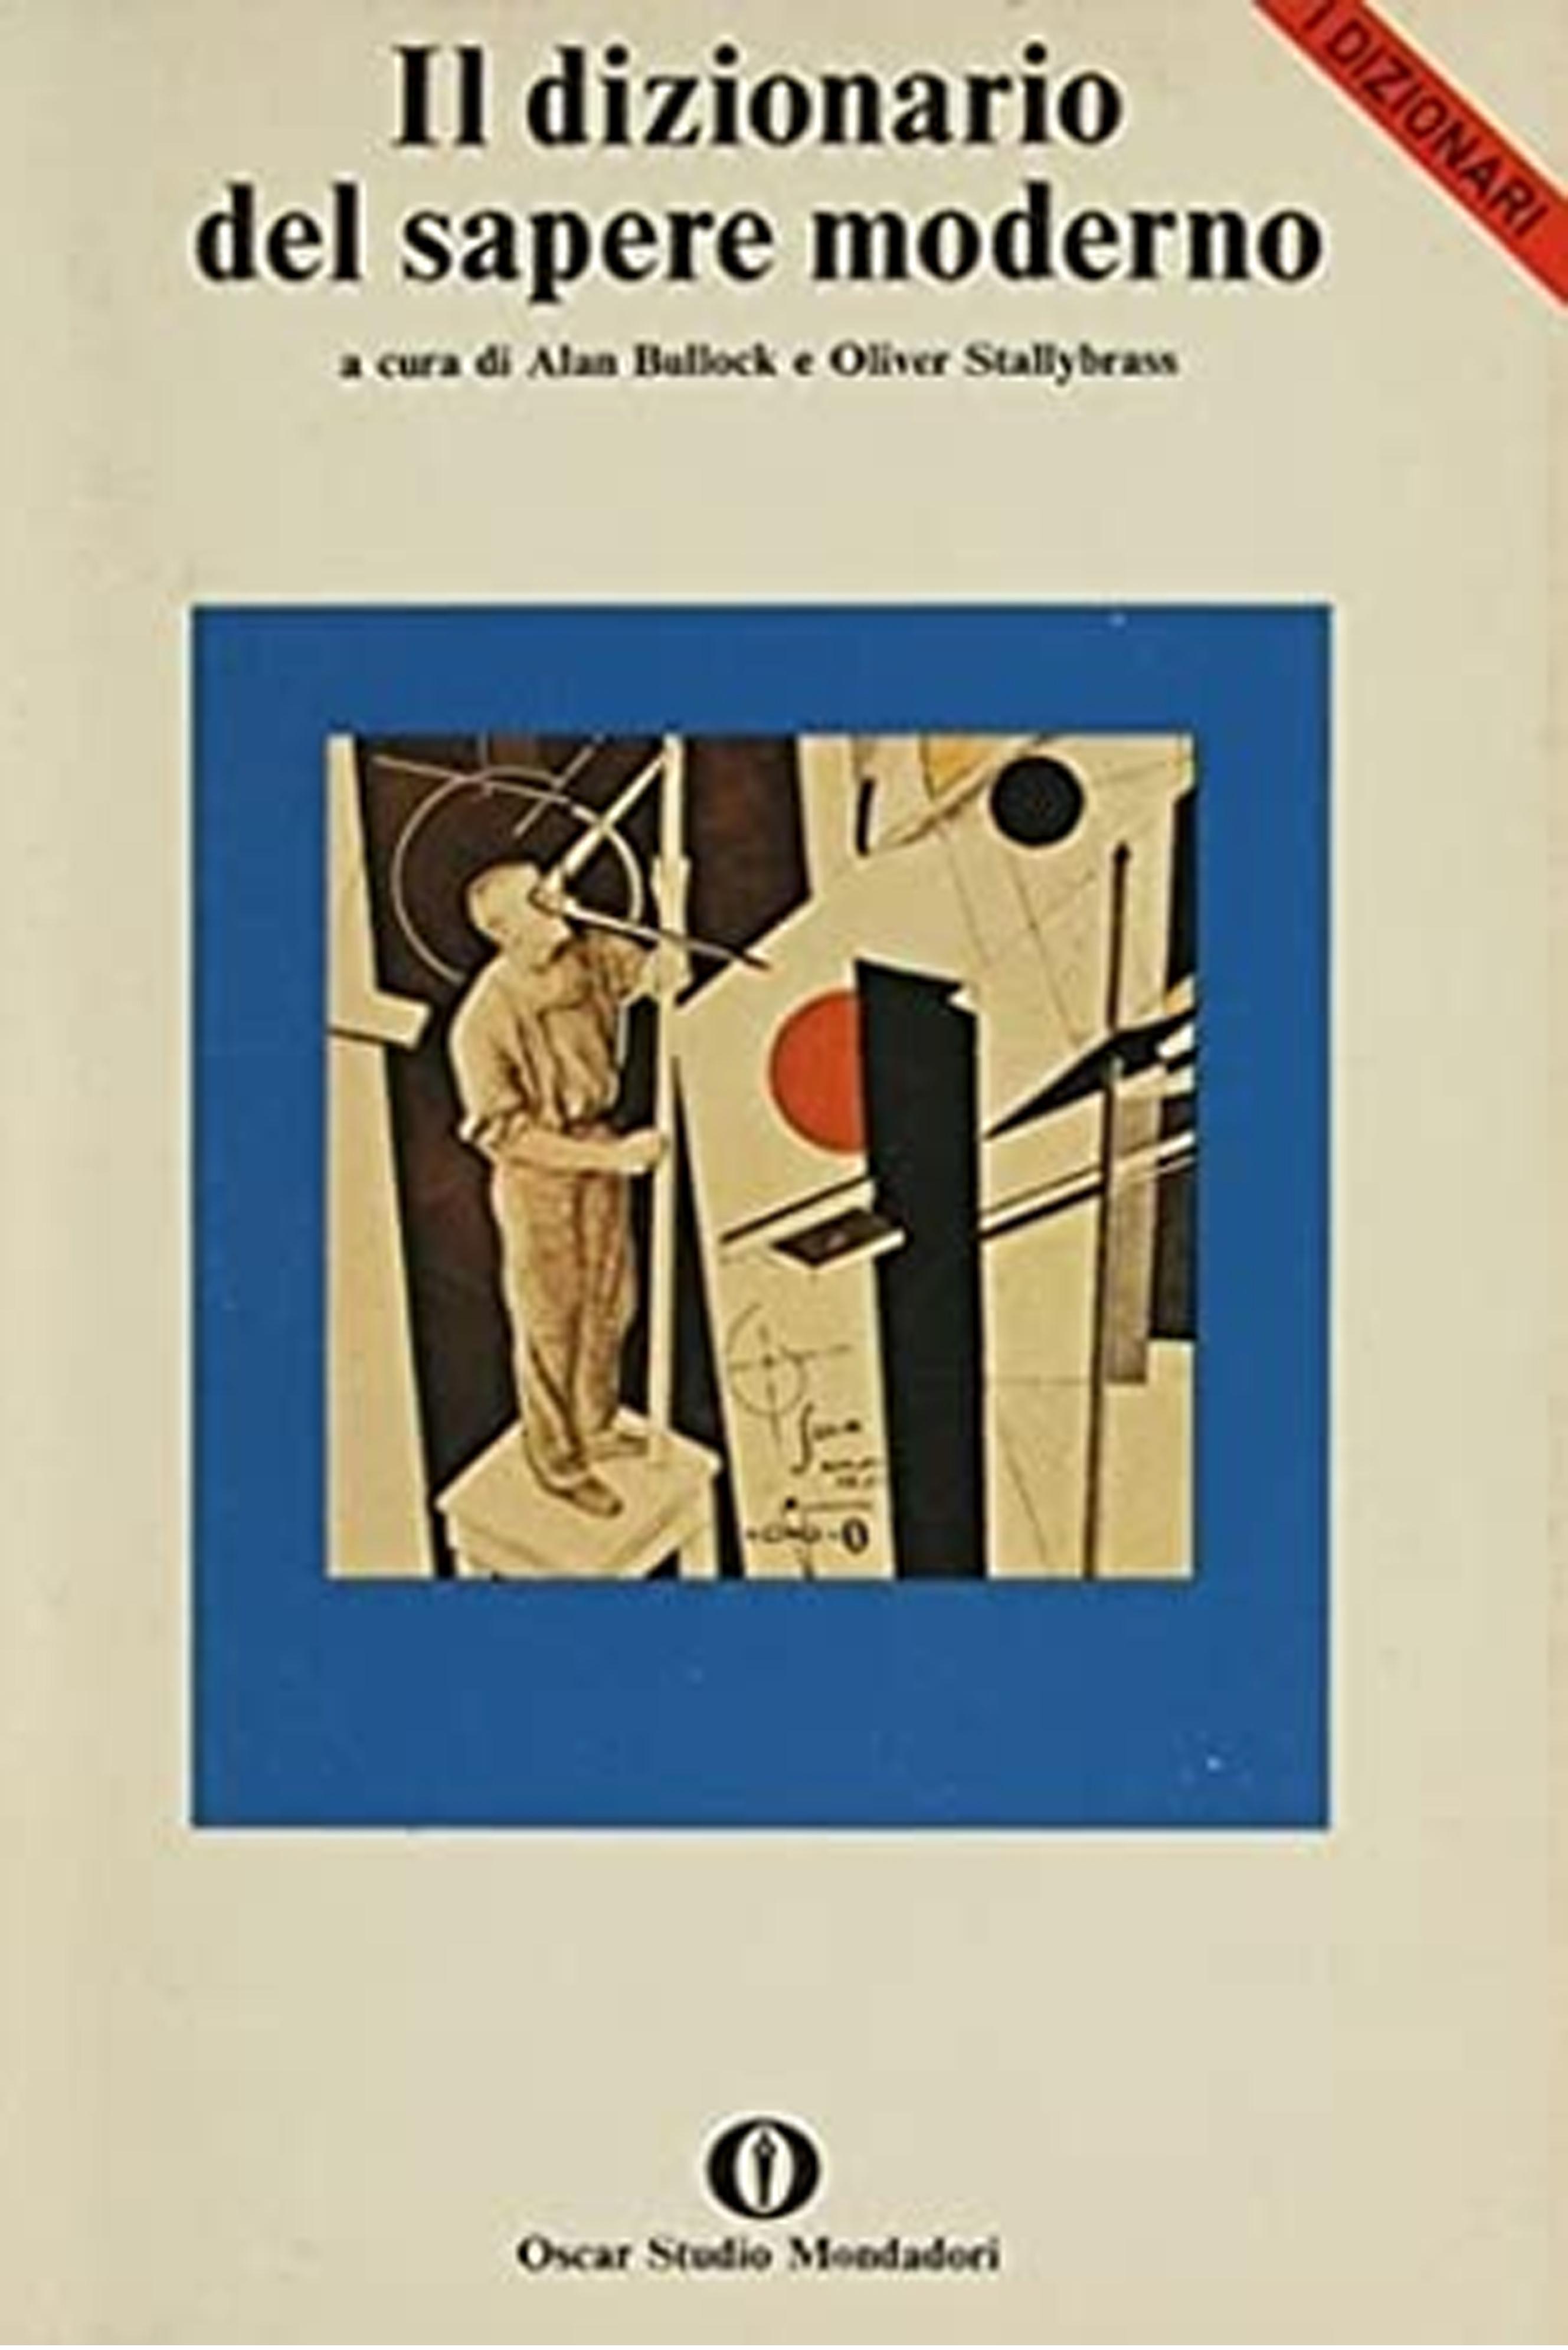 Dizionario del sapere moderno